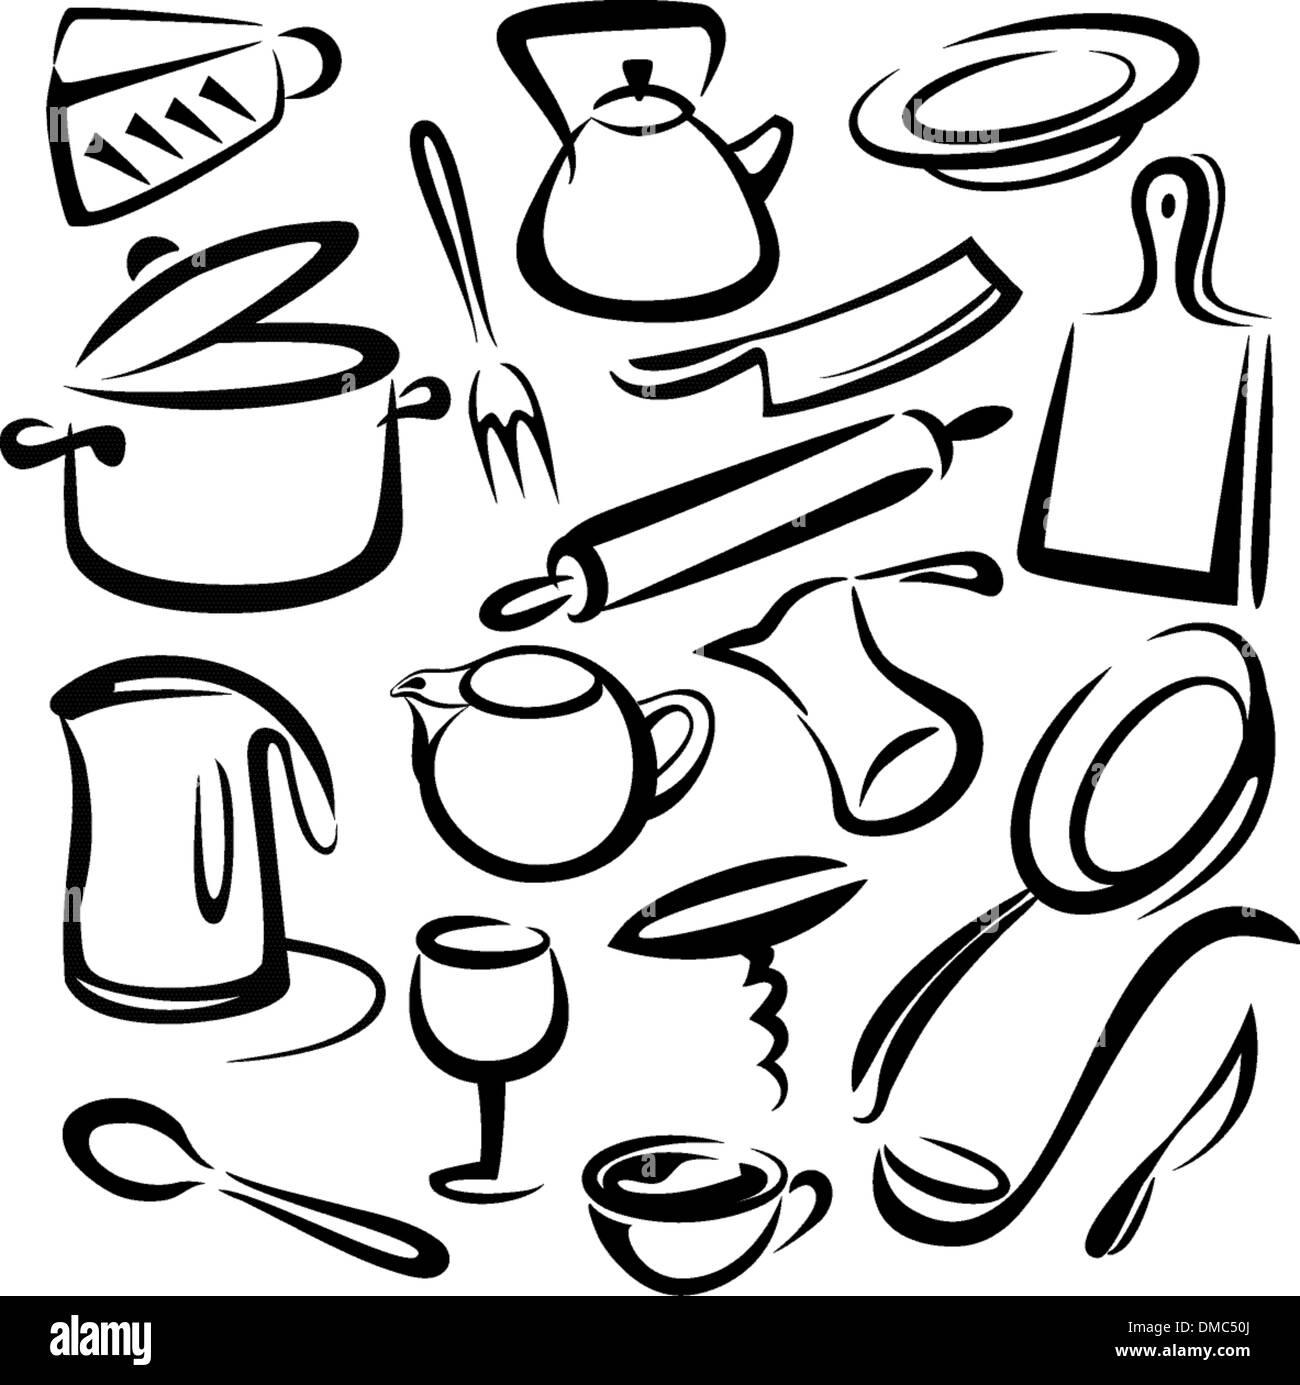 große Reihe von Küchengeräte, Vektor-Skizze in einfache schwarze ...